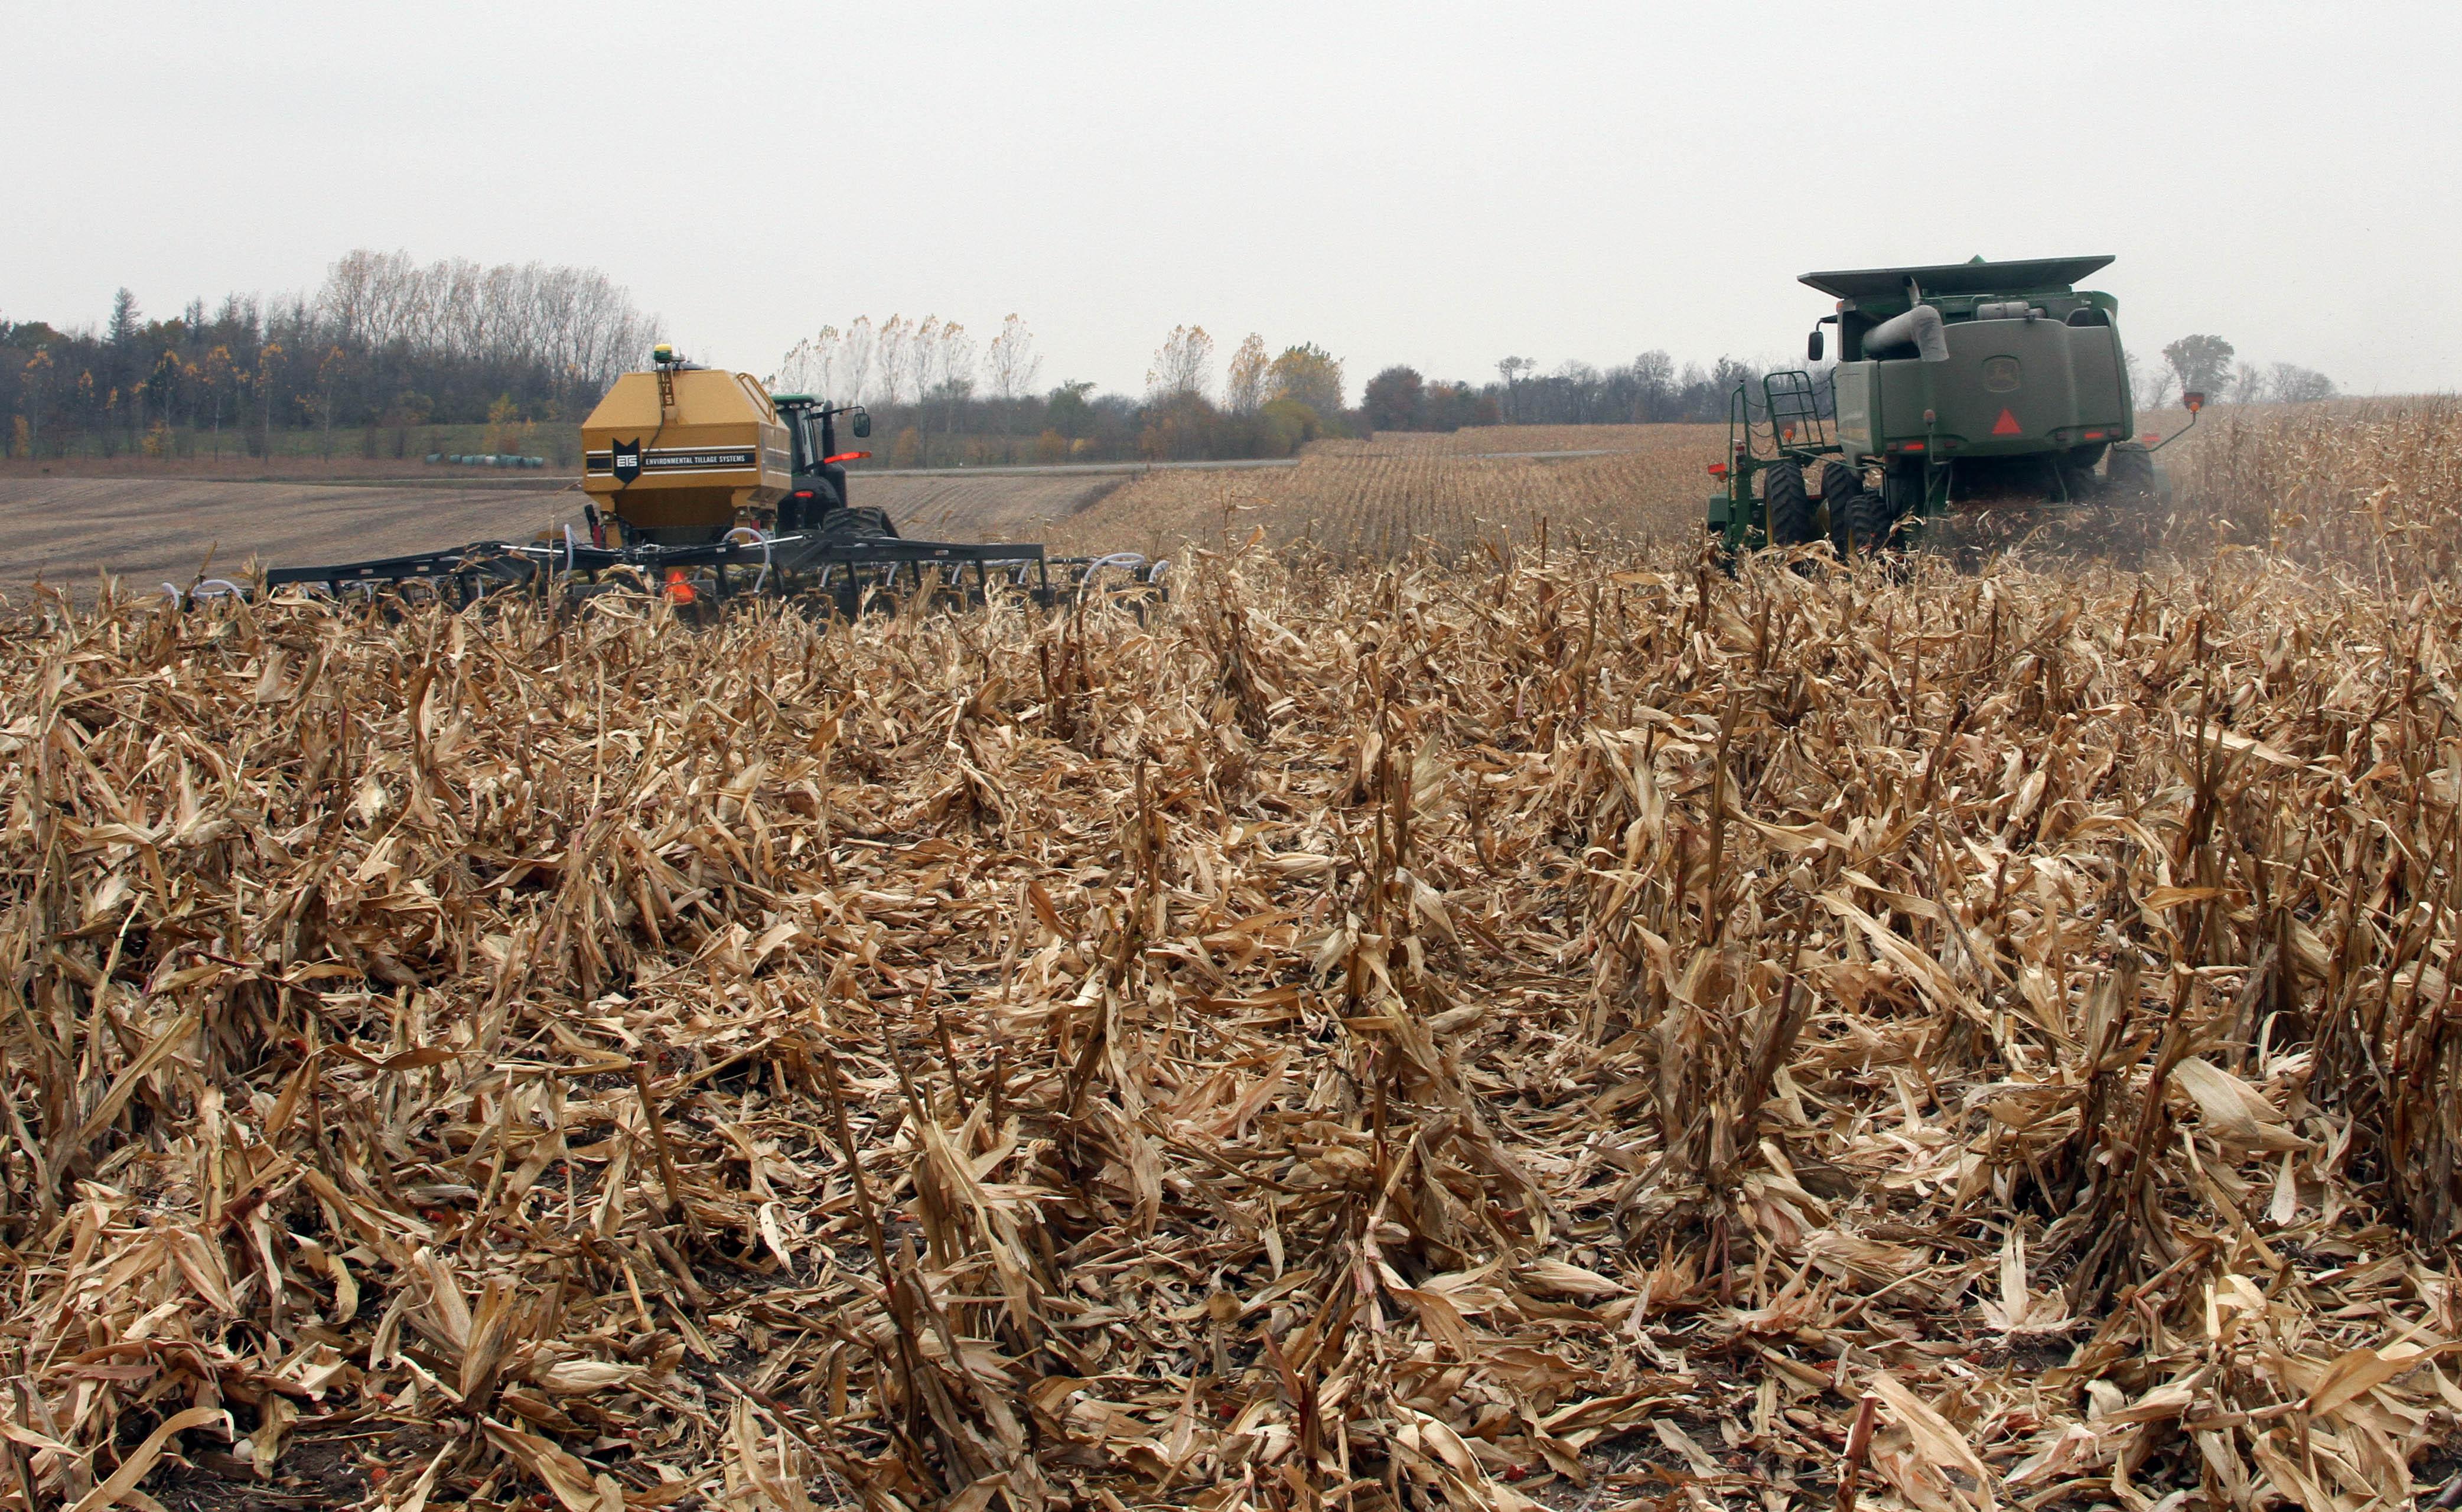 SoilWarrior in corn residue